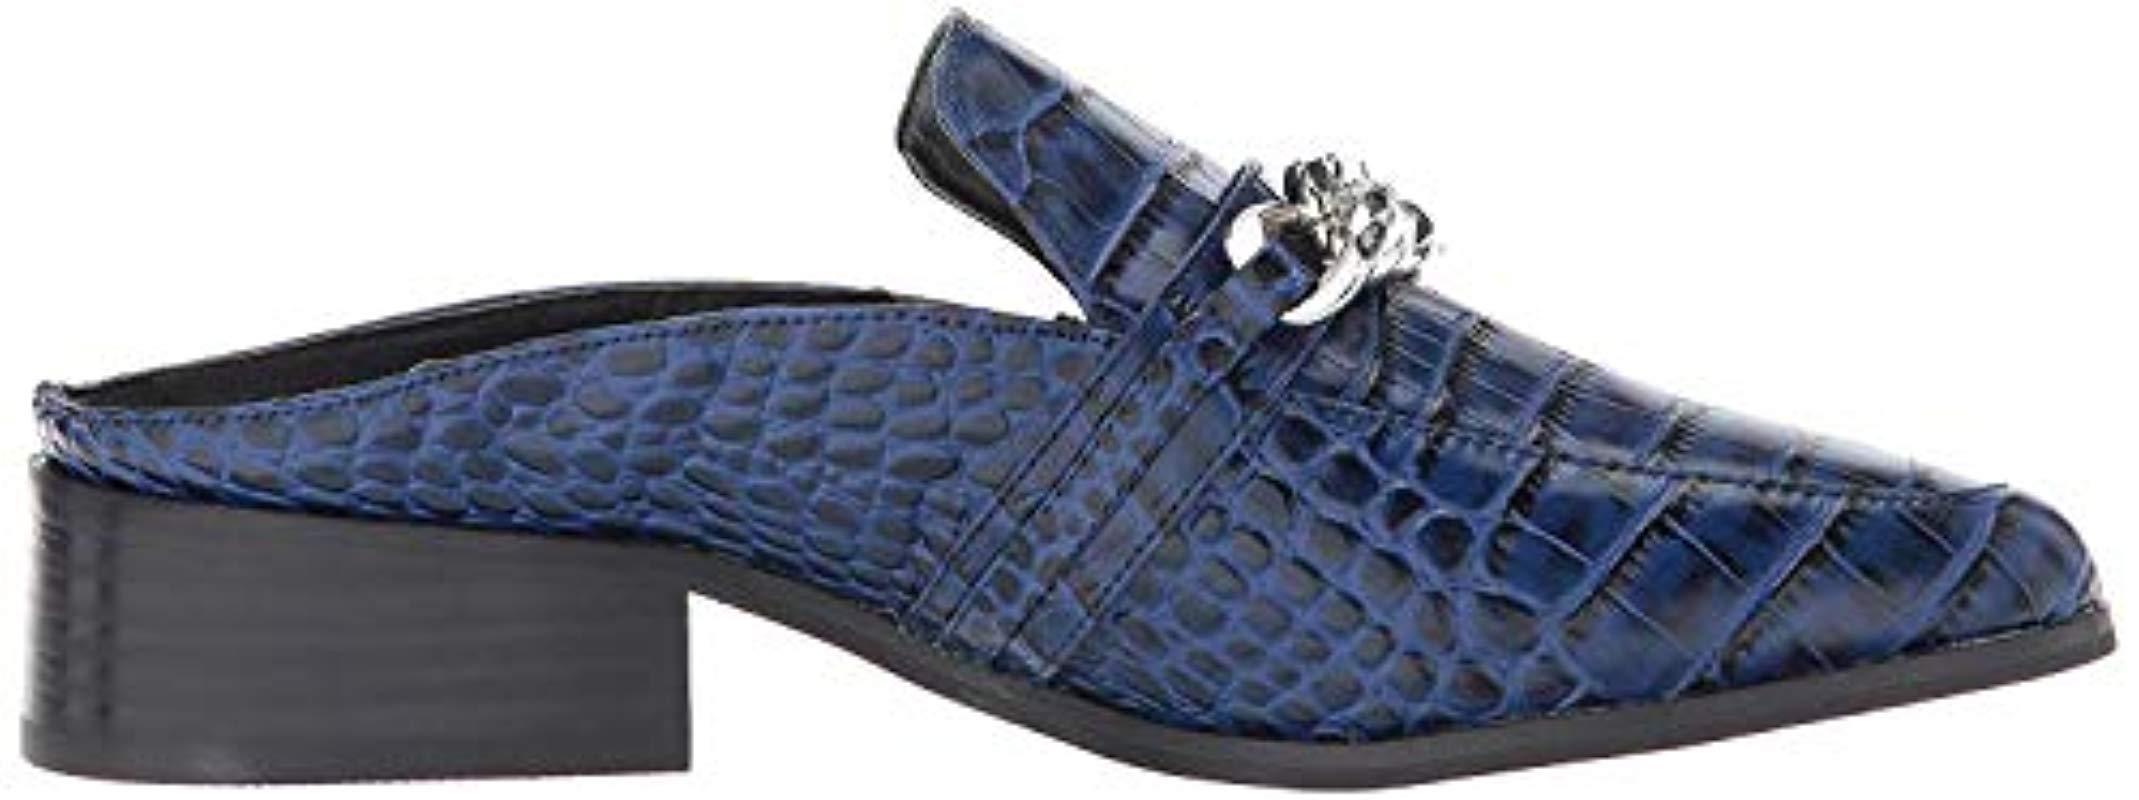 STEVEN by Steve Madden Womens Swanki Slip-On Loafer